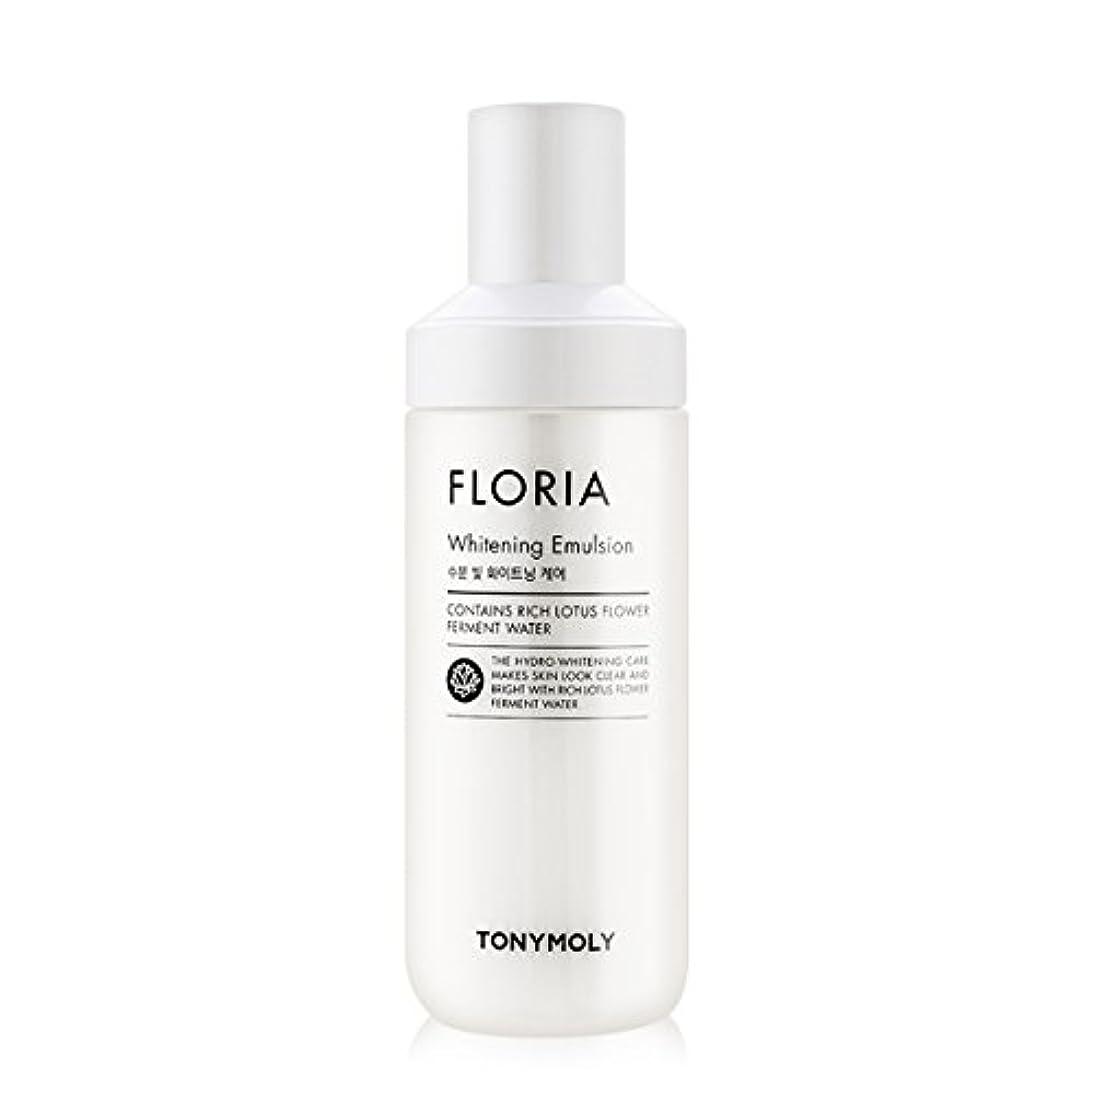 事業内容ヒロイック高い[2016 New] TONYMOLY Floria Whitening Emulsion 160ml/トニーモリー フロリア ホワイトニング エマルジョン 160ml [並行輸入品]